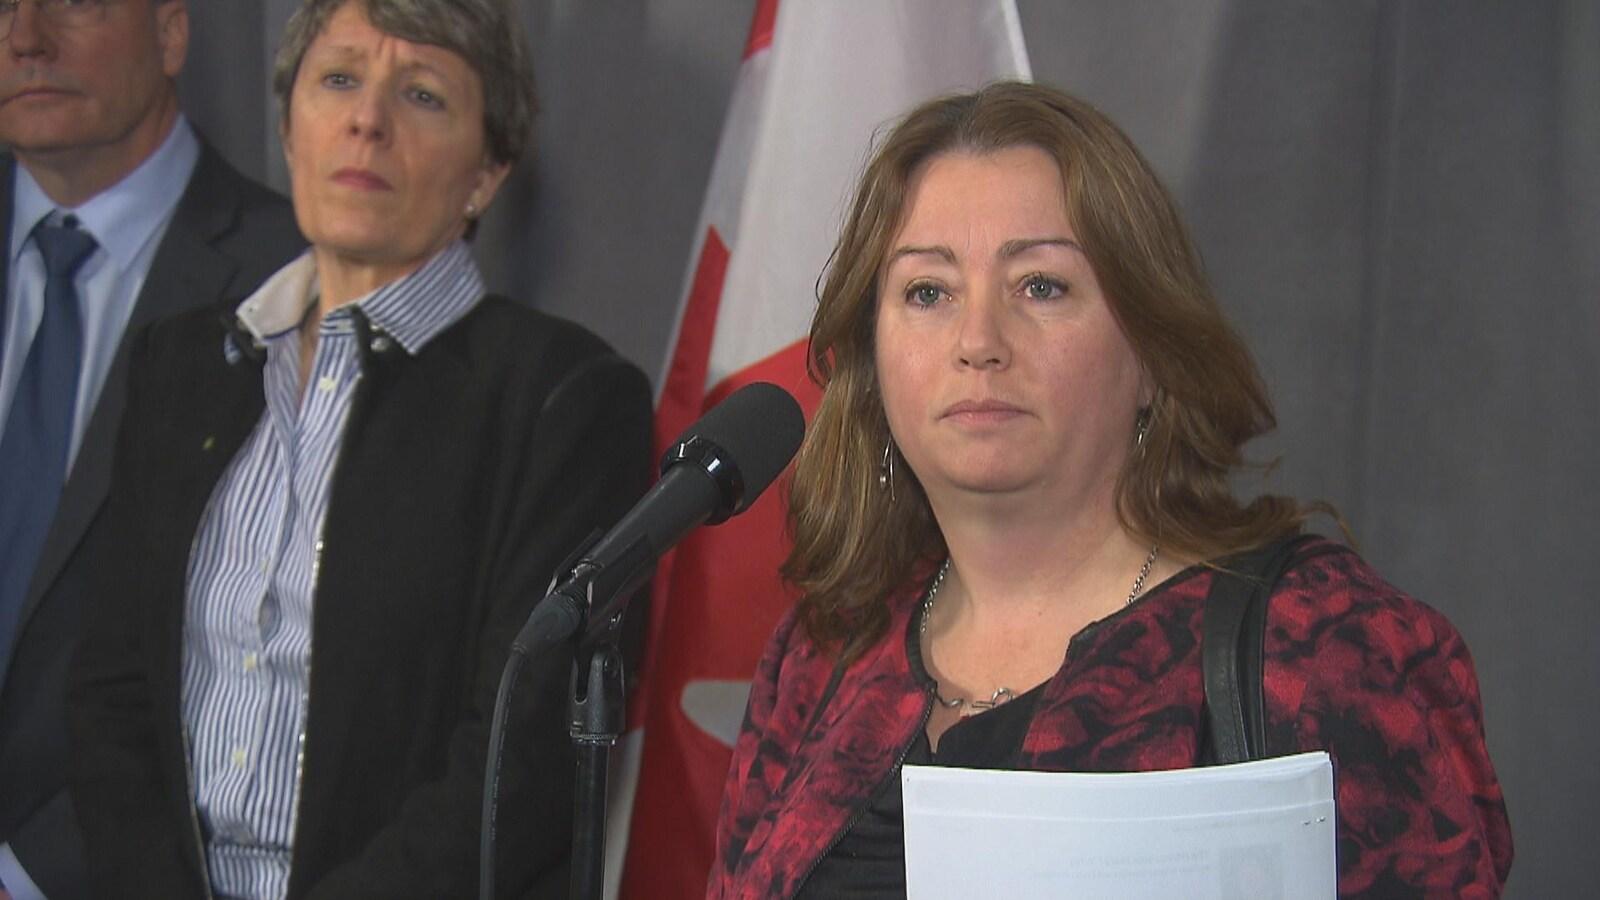 Vicky-May Hamm, présidente de la Fédération canadienne des municipalités répond aux questions des journalistes en marge de sa rencontre avec les Libéraux fédéraux de passage à Sherbrooke. En arrière-plan, Josée Fortin, présidente de Sherbrooke Innopole